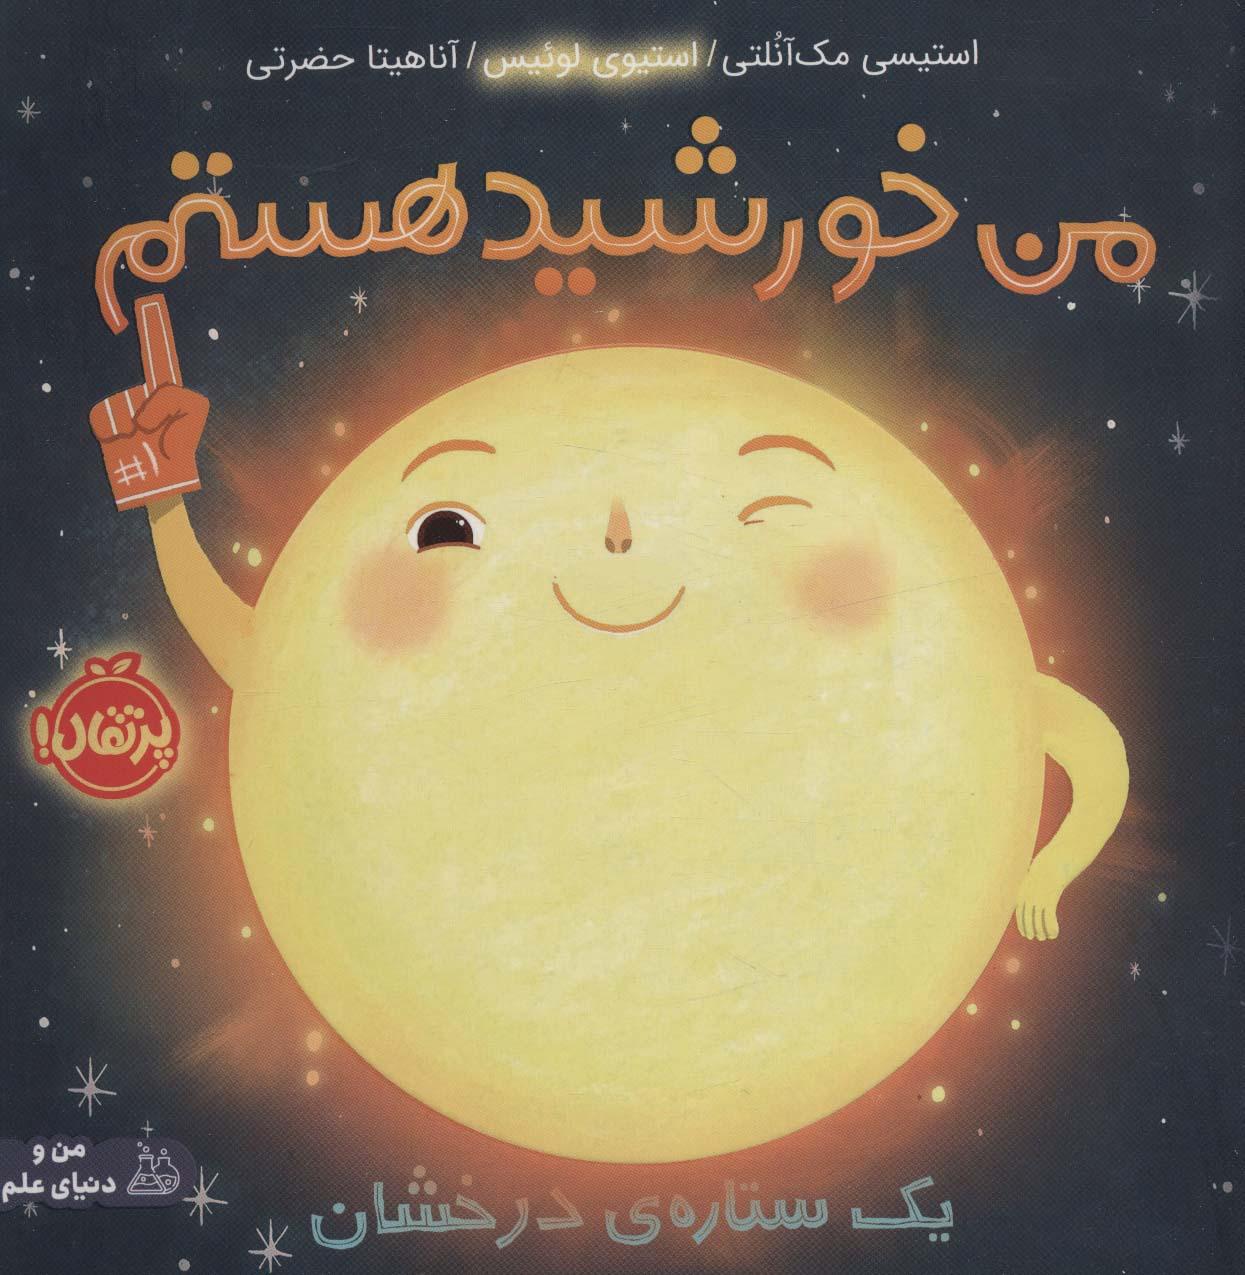 من خورشید هستم (یک ستاره ی درخشان)،(گلاسه)